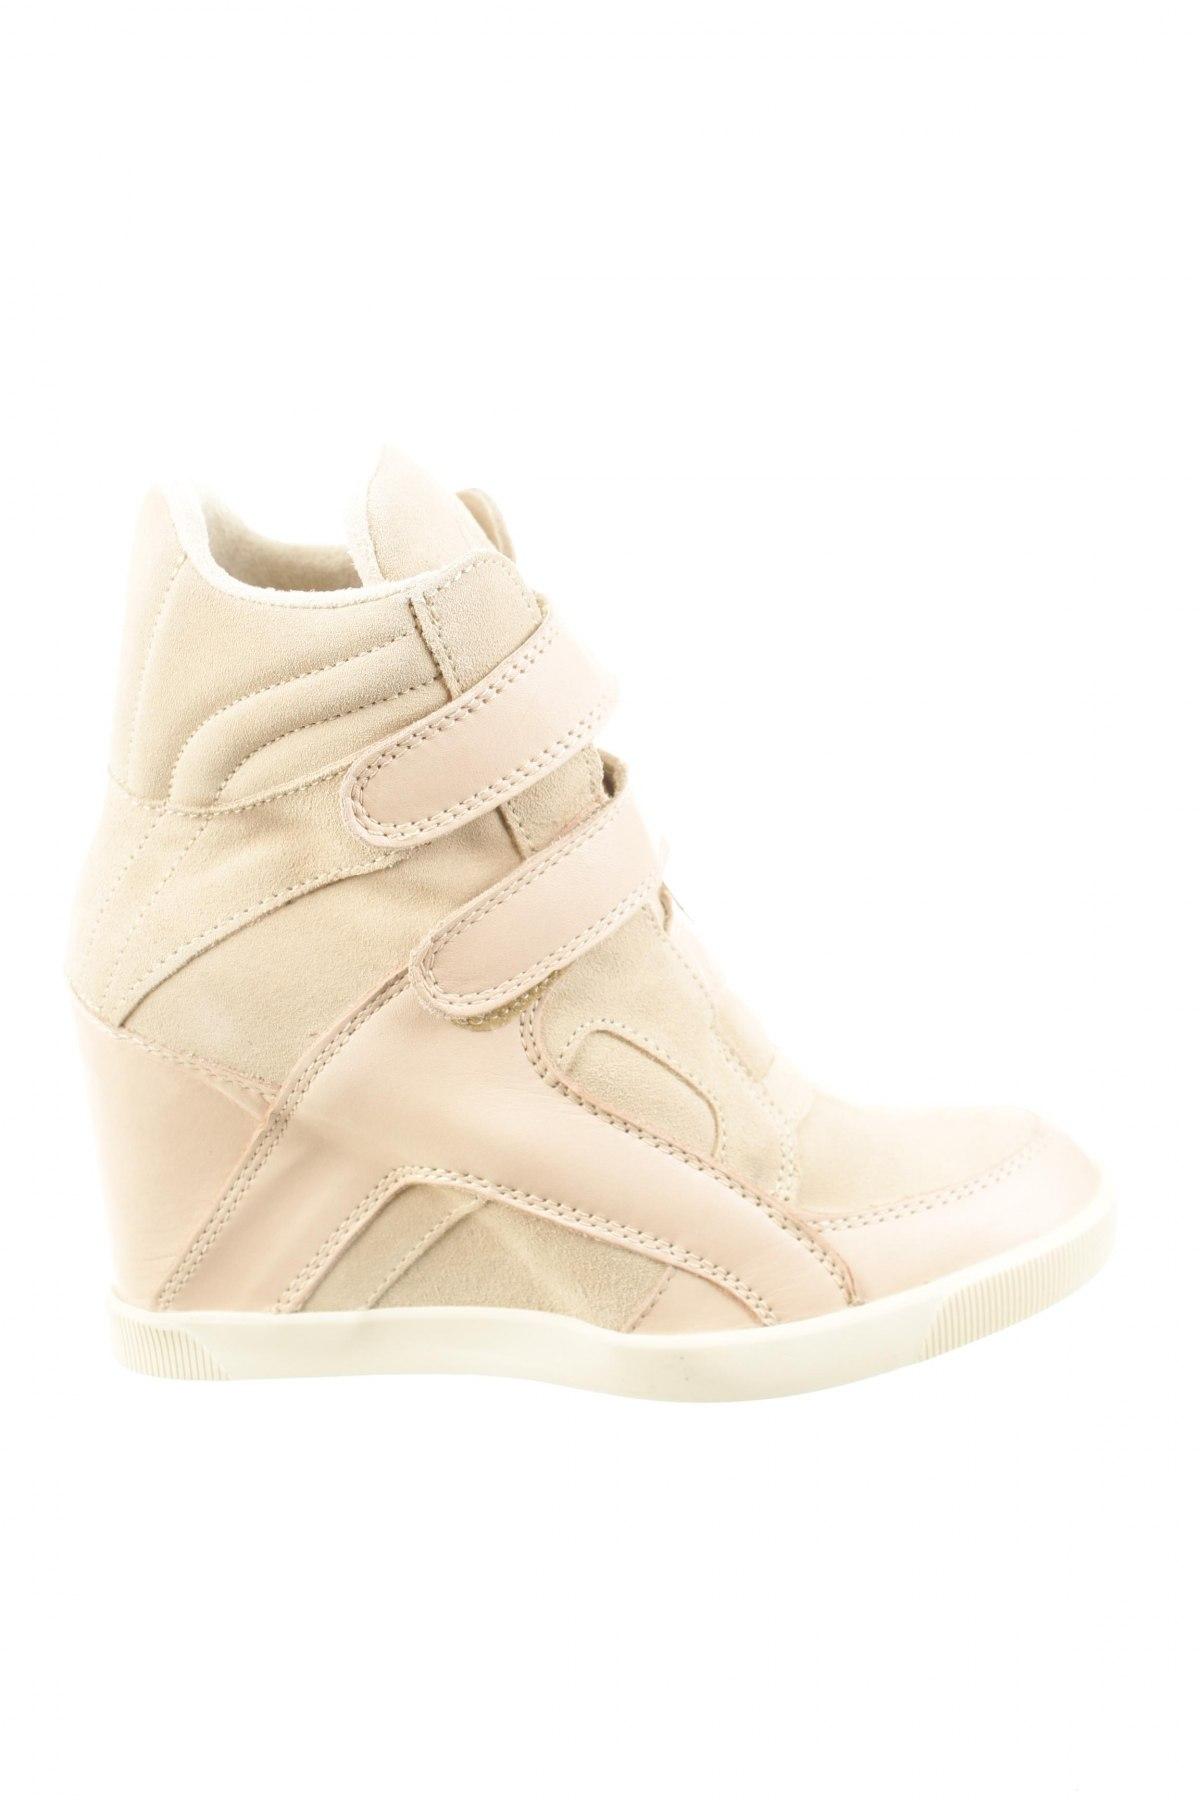 5a7d7034e77e Dámské topánky Buffalo - za výhodnú cenu na Remix -  102685161